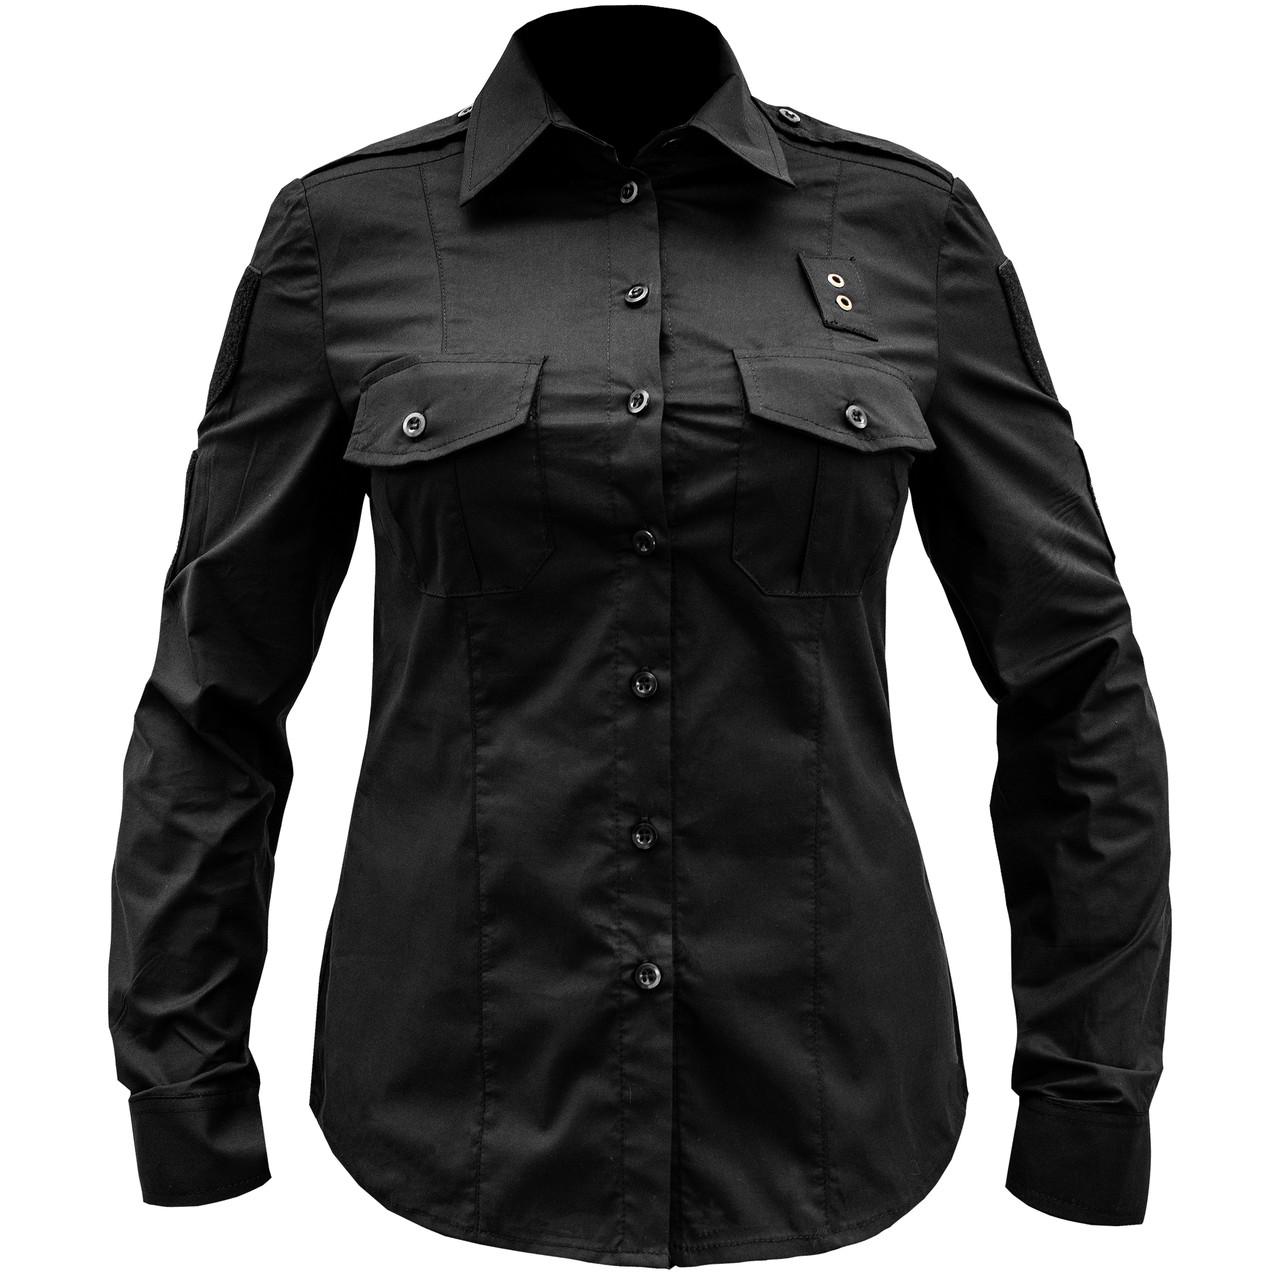 Рубашка женская полицейская (ЧЕРНАЯ)